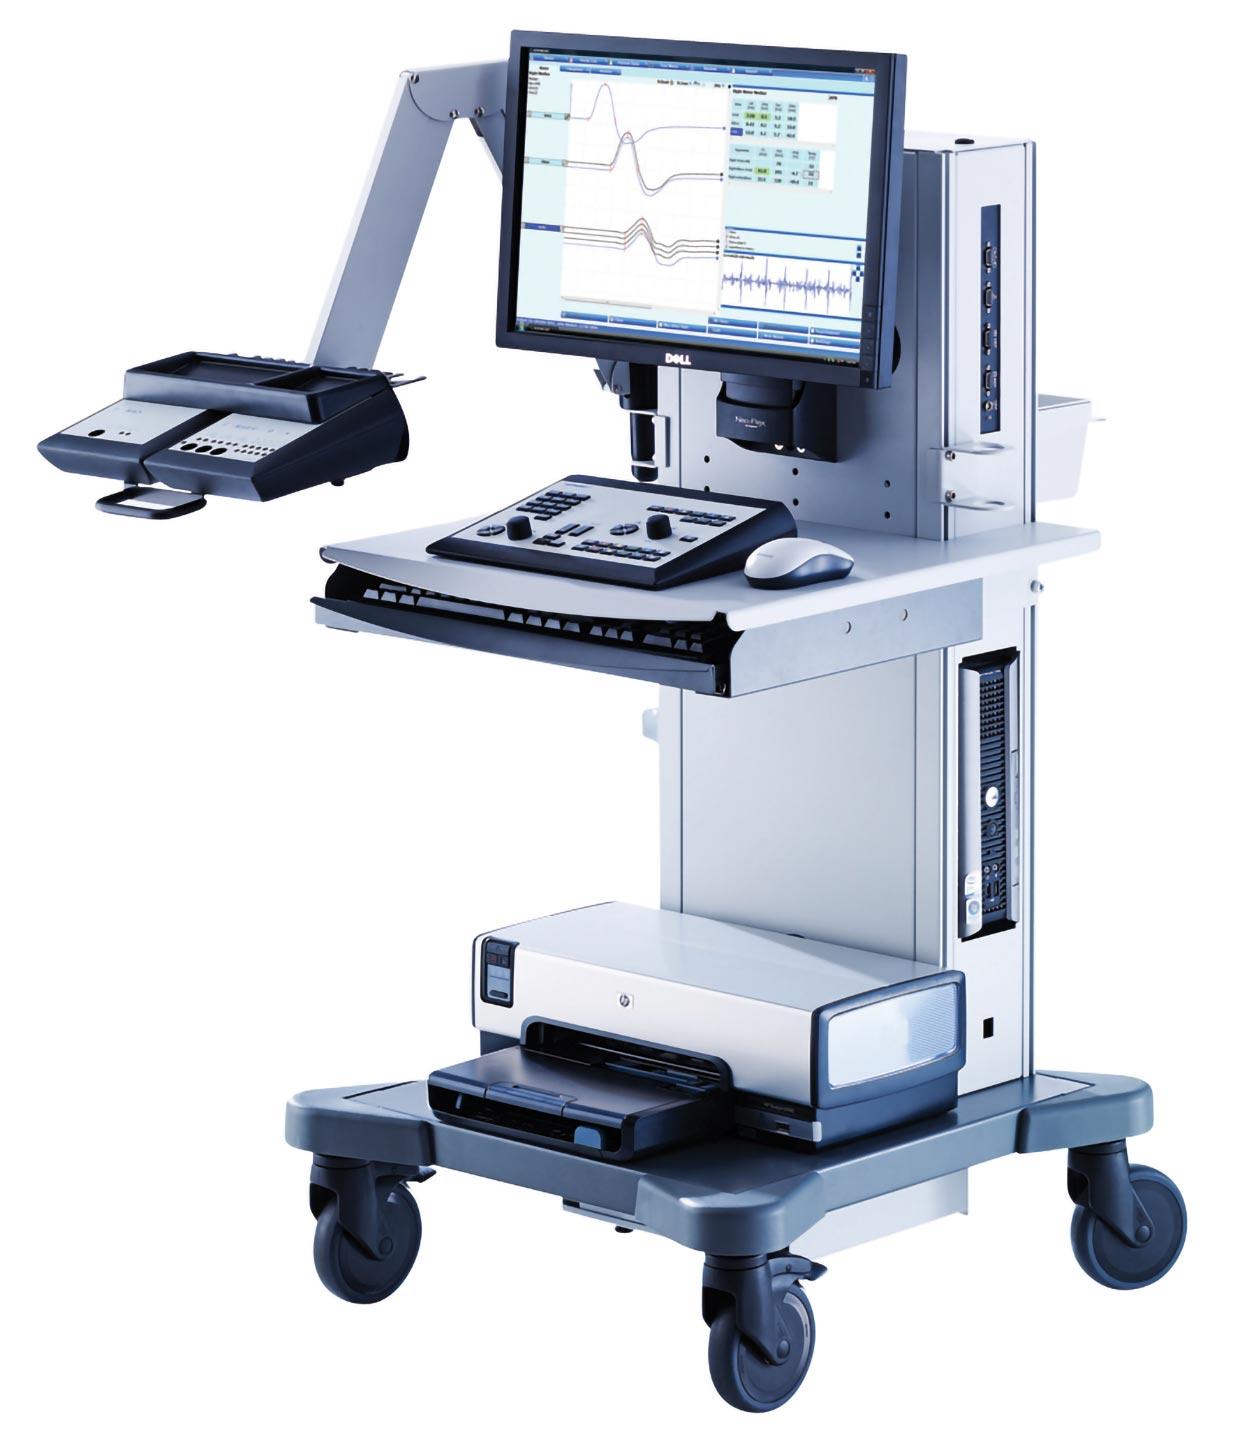 Dantec® Keypoint® G4 EMG / NCS / EP Workstation